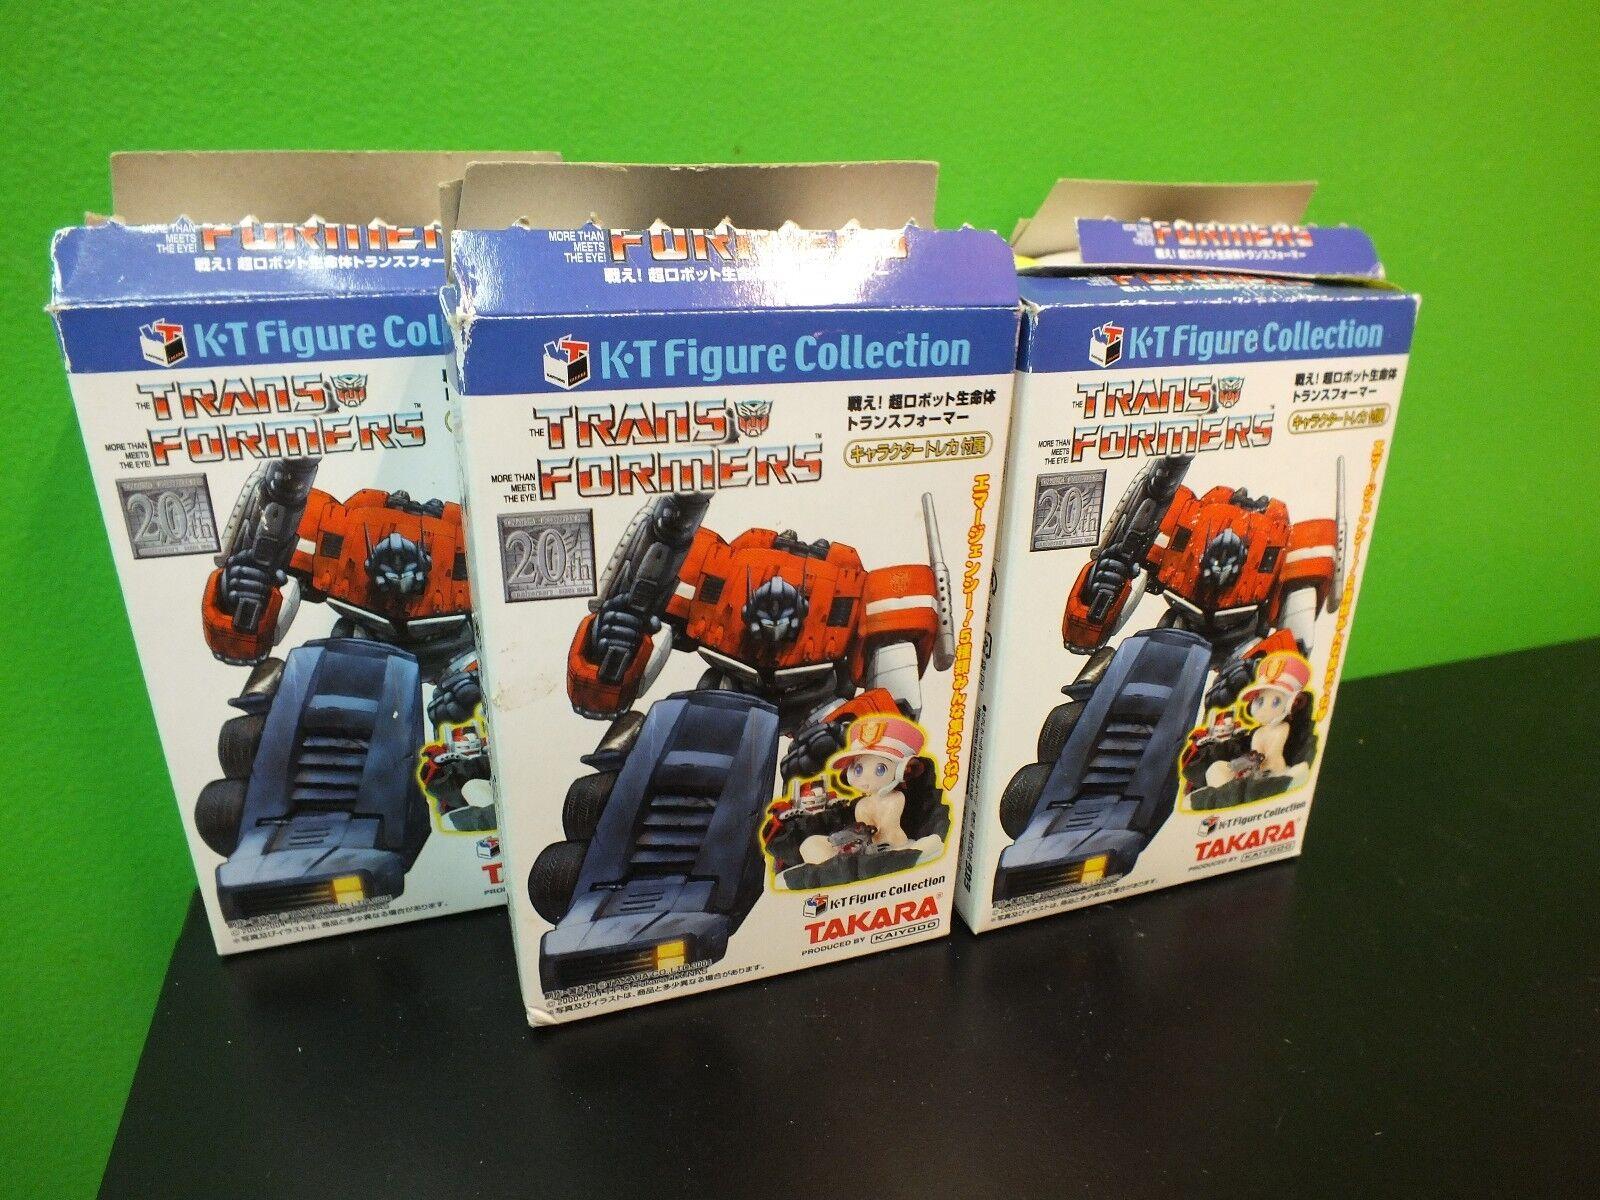 Venta barata Transformers Kt Figura Conjunto Conjunto Conjunto de 5-AI, convoy, Devastator, frenesí, Rumble  Nuevo   caliente